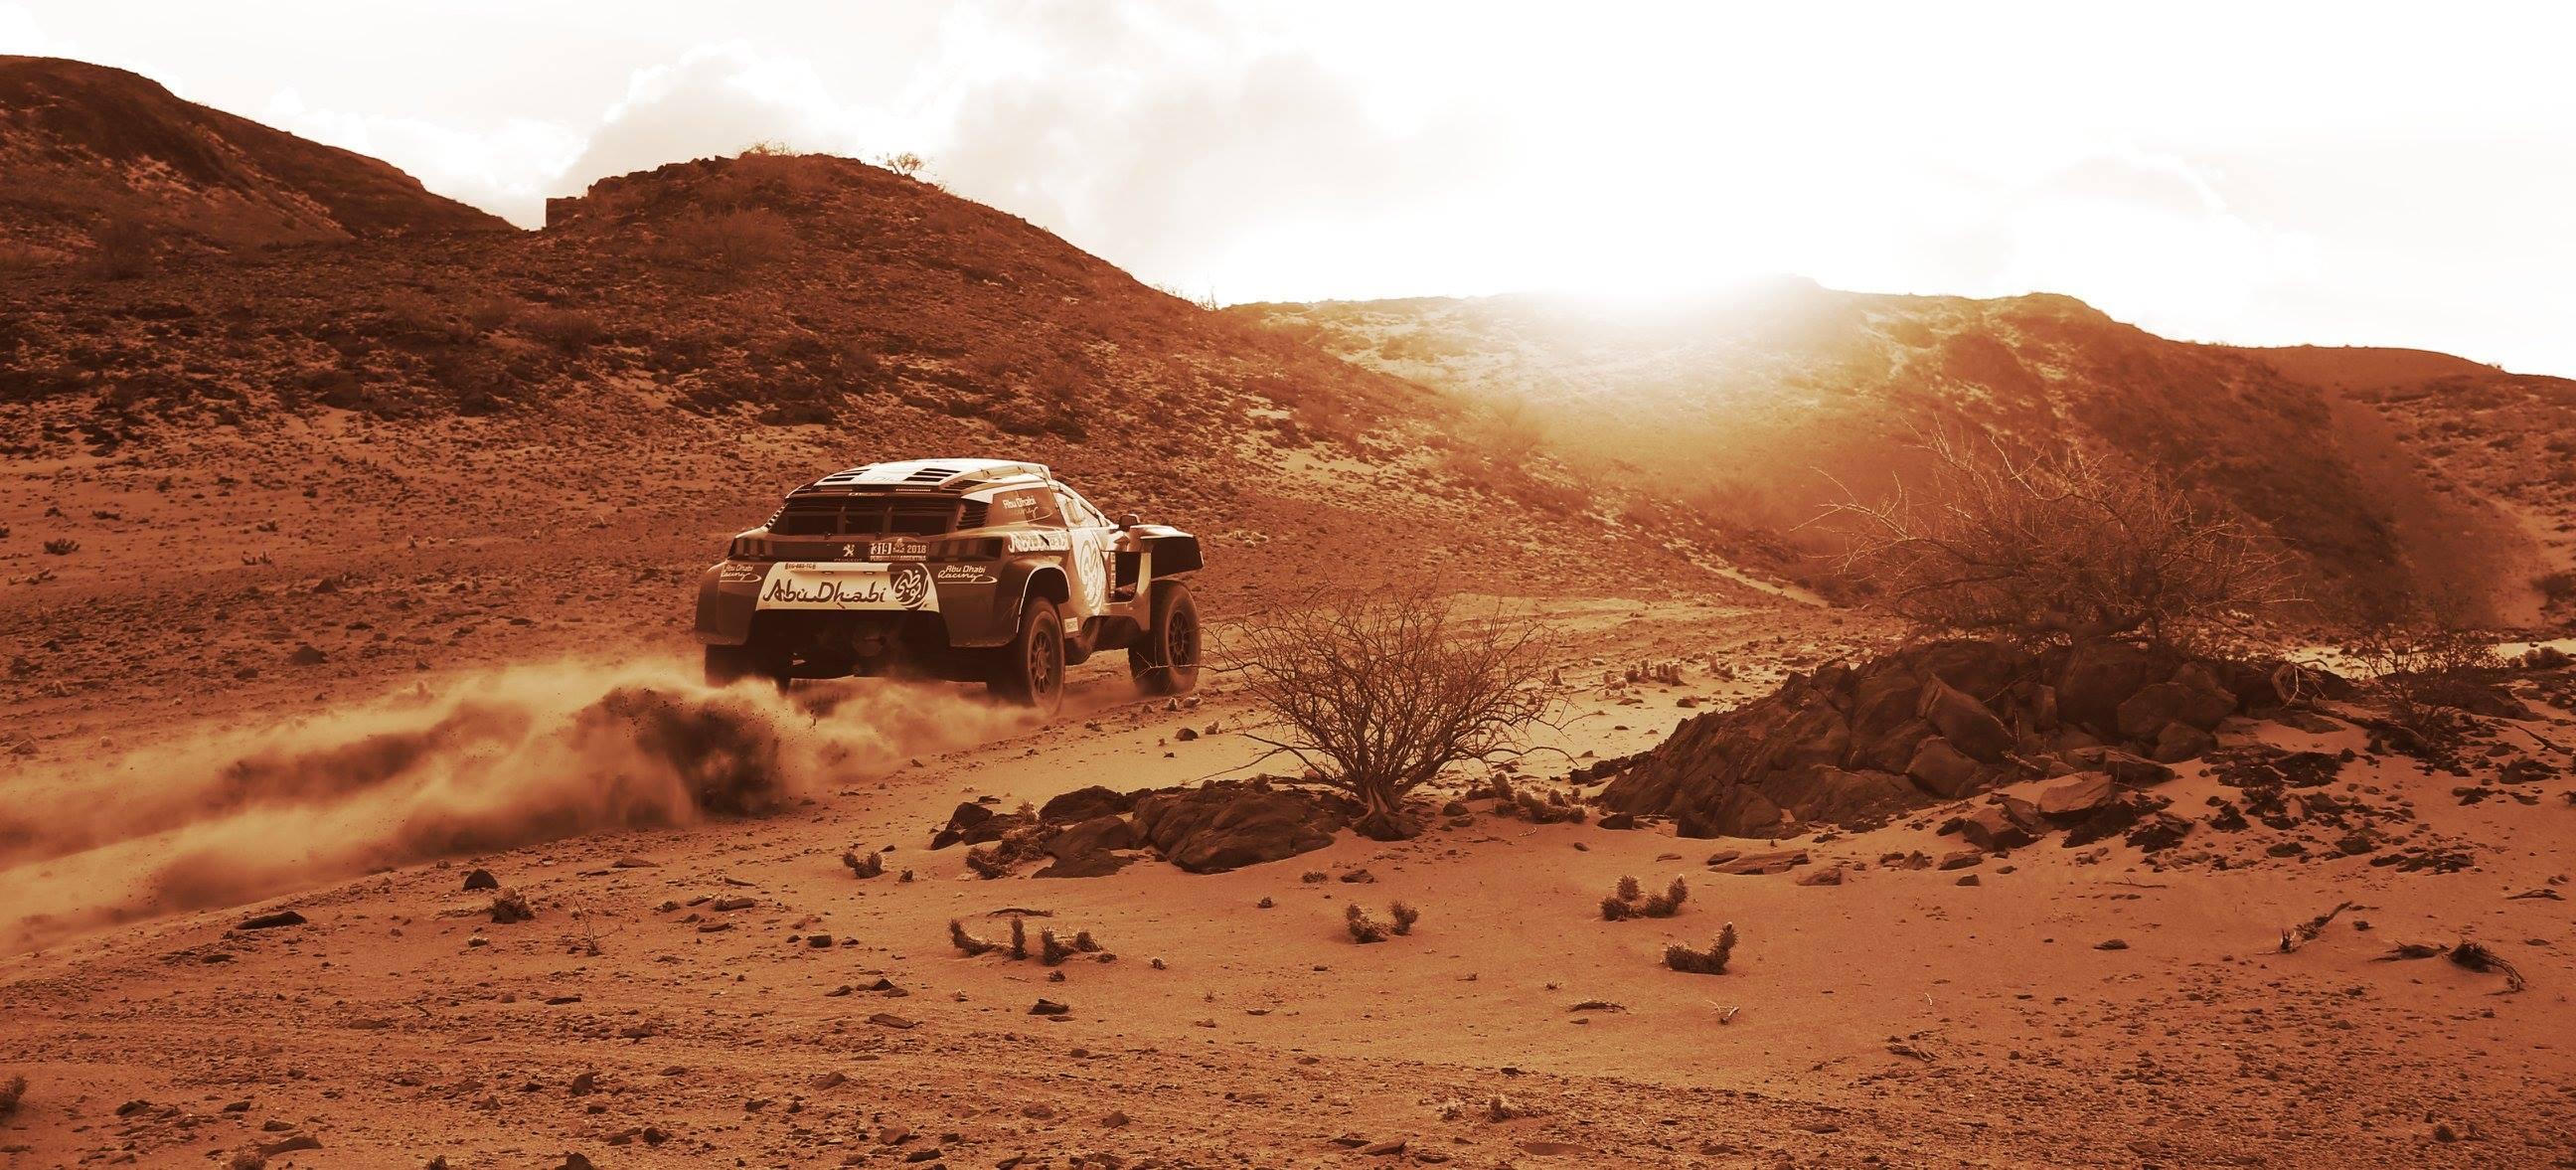 Rally Dakar 2018 Stage 11 (28)